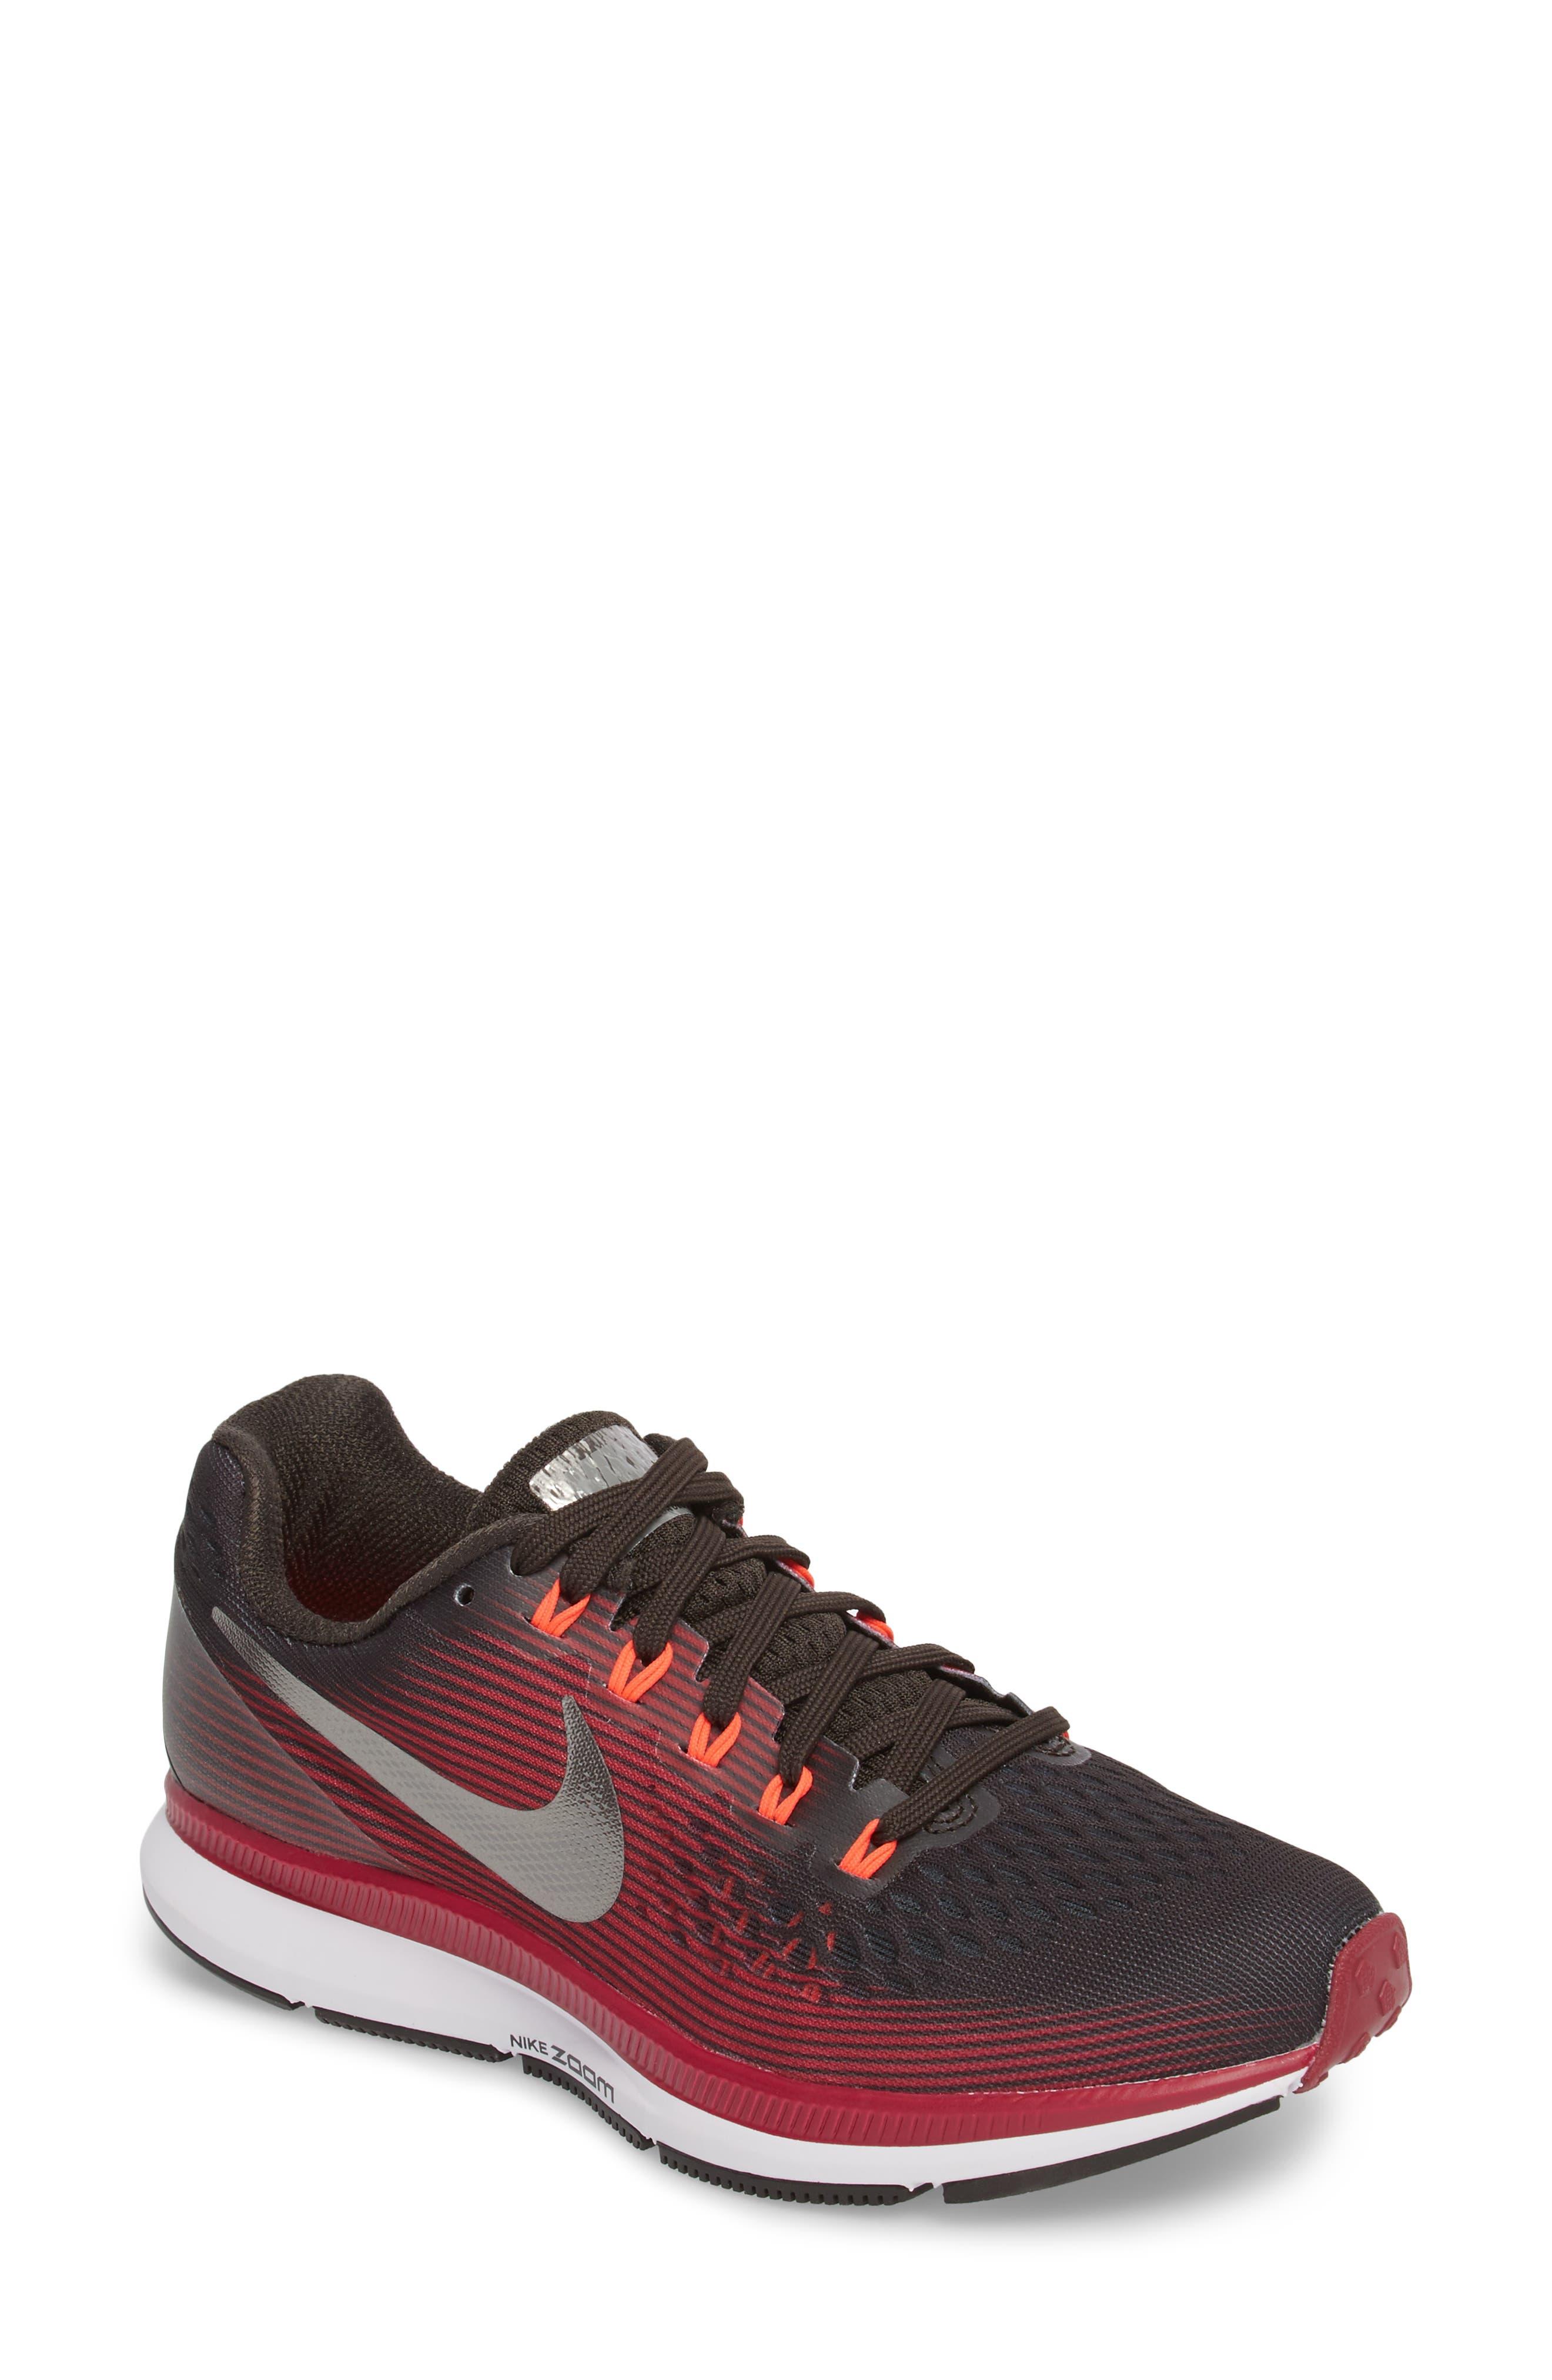 Air Zoom Pegasus 34 Gem Running Shoe,                         Main,                         color, 930